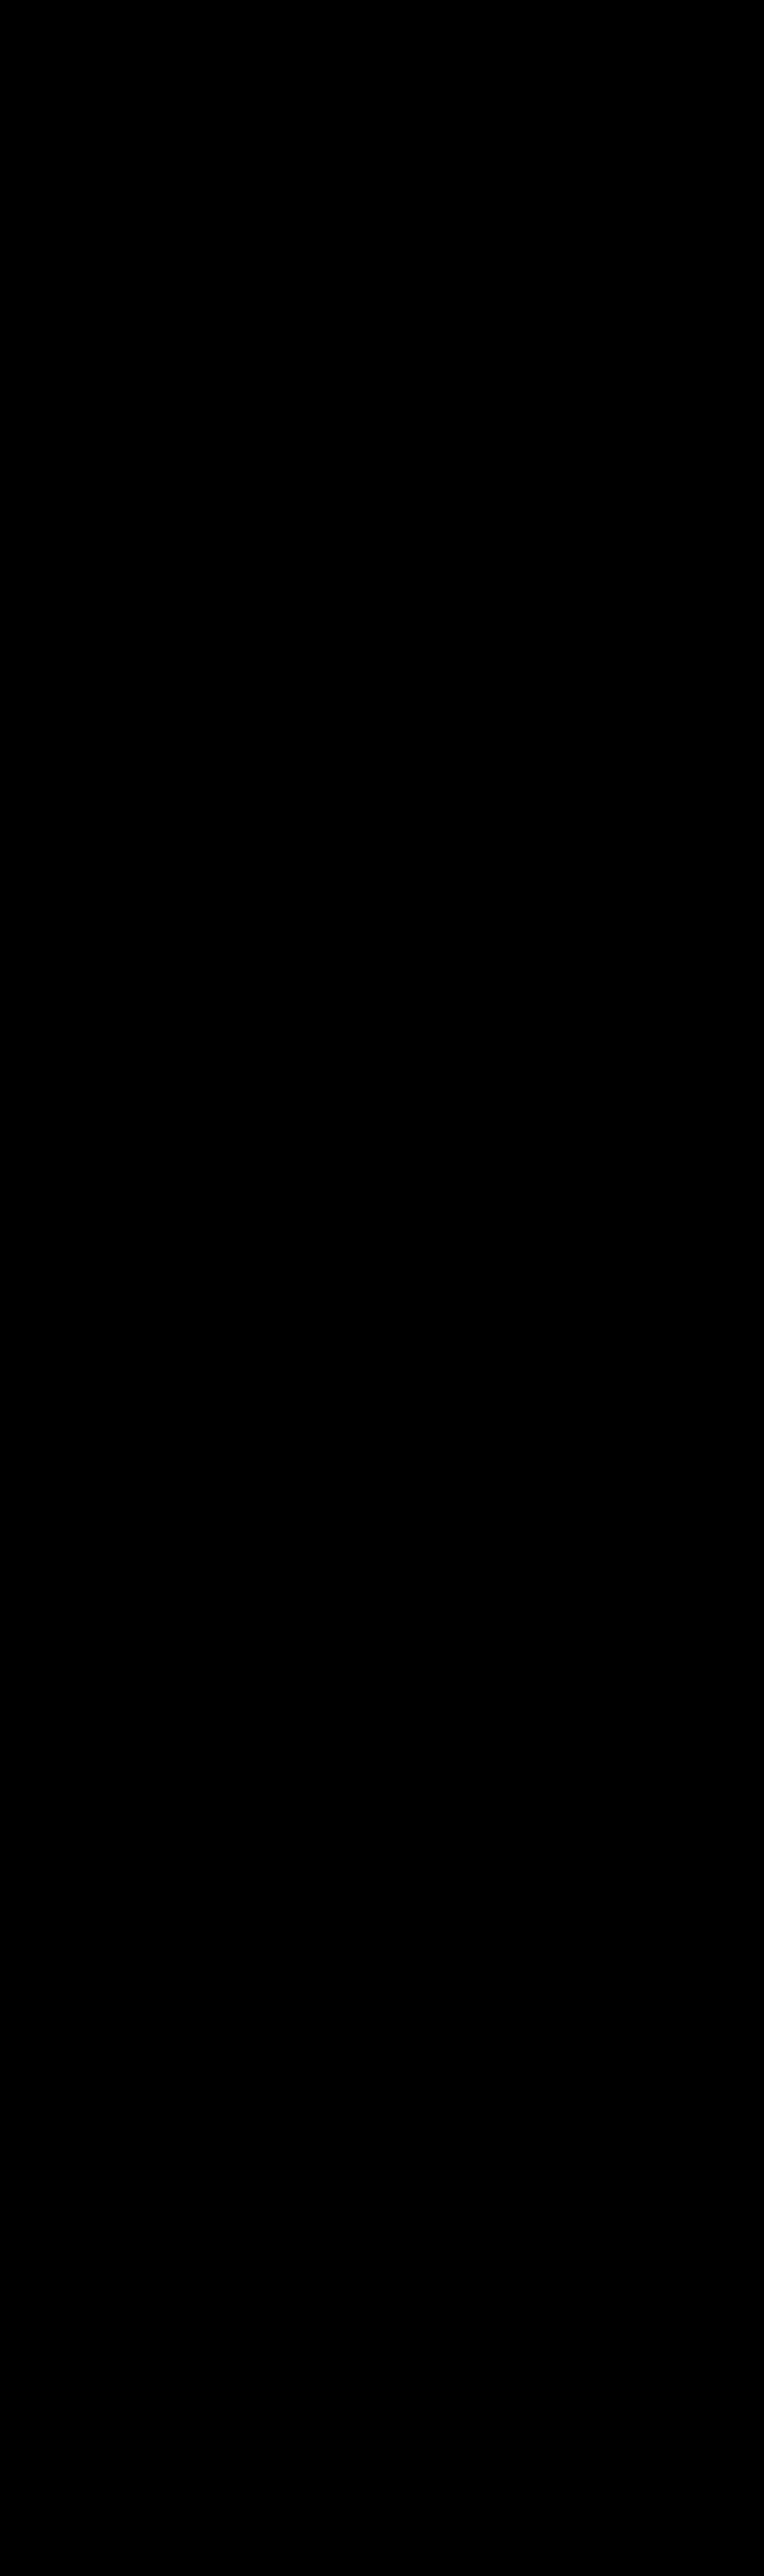 2000x6740 Filekontur Olympiaturm.svg